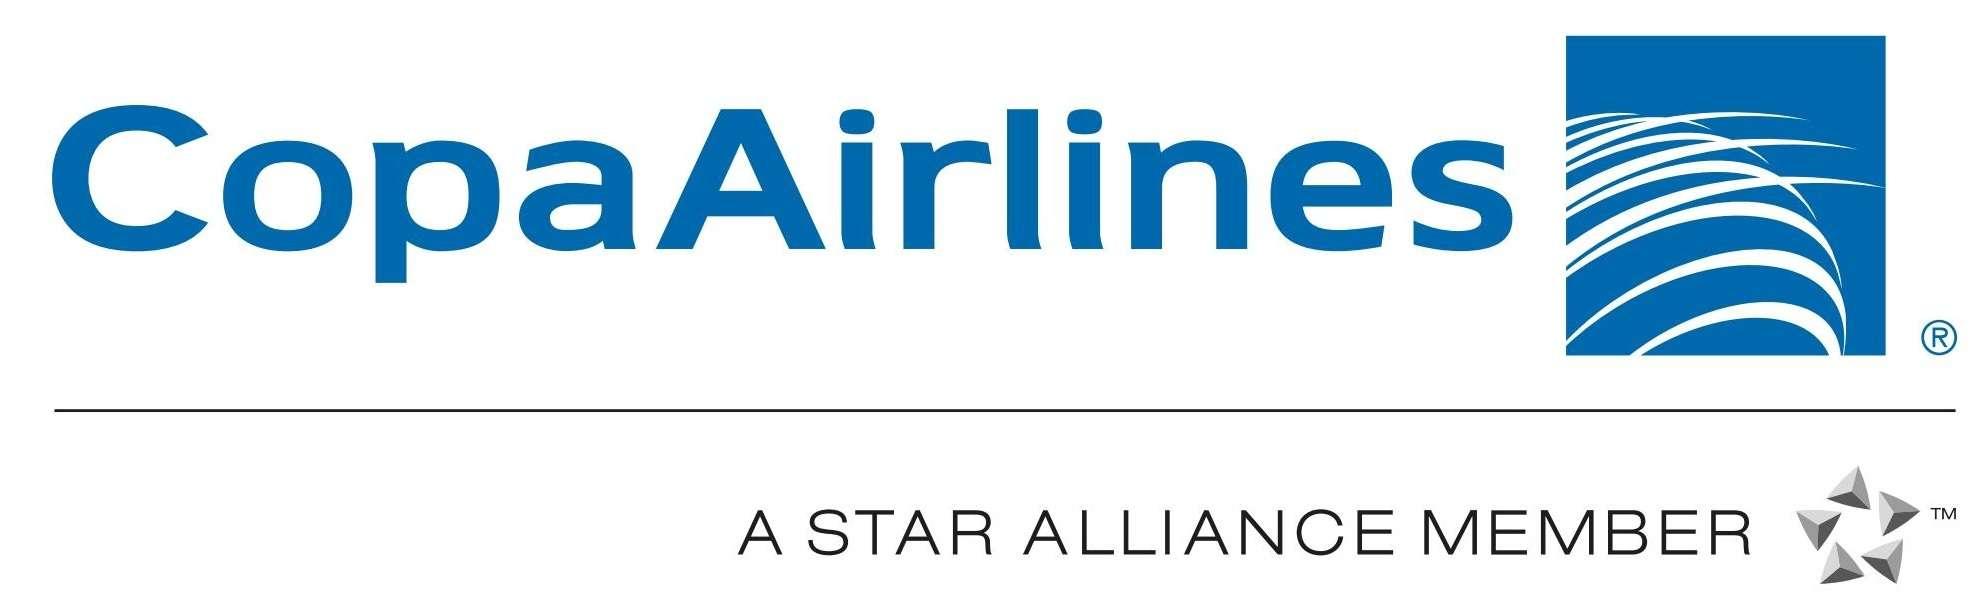 CopaAirlines_Logo